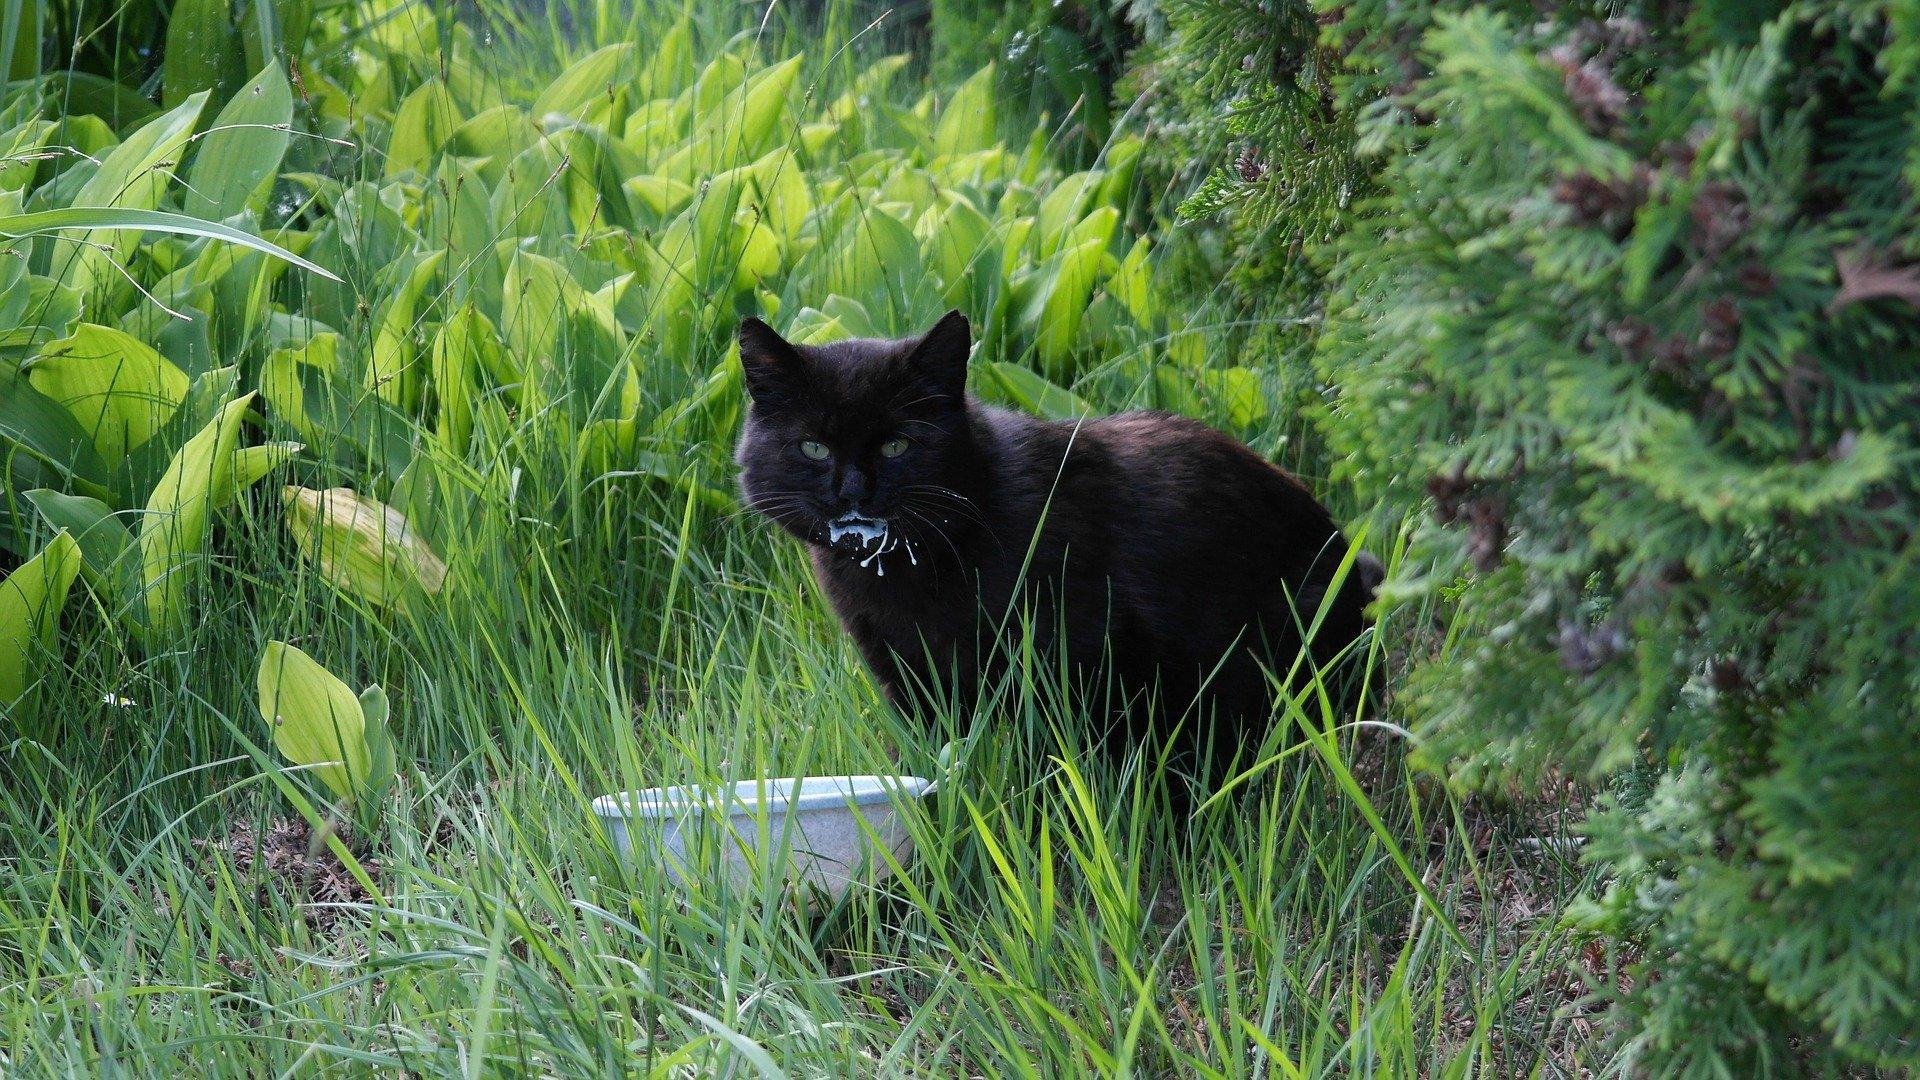 Cibi che fanno male ai gatti: ecco cosa evitare